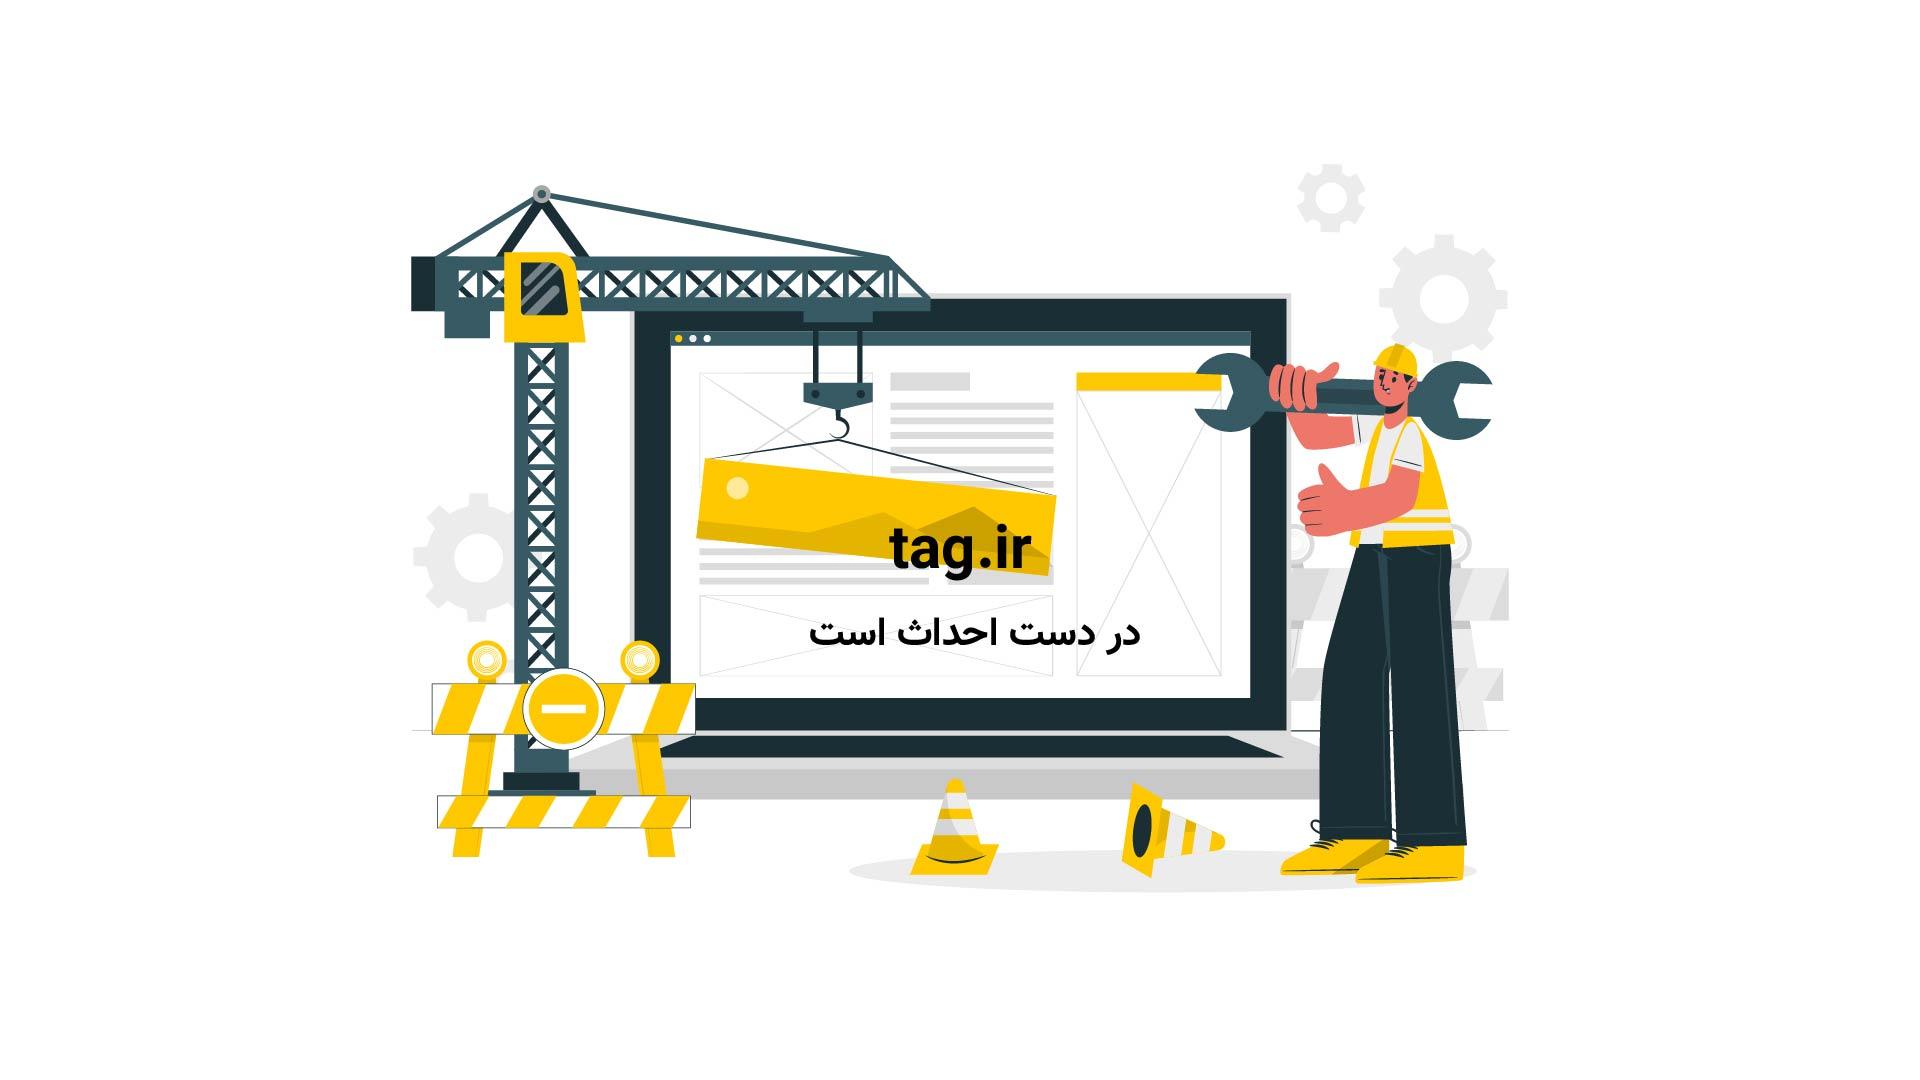 فیلم عنکبوت طاووسی که می رقصد